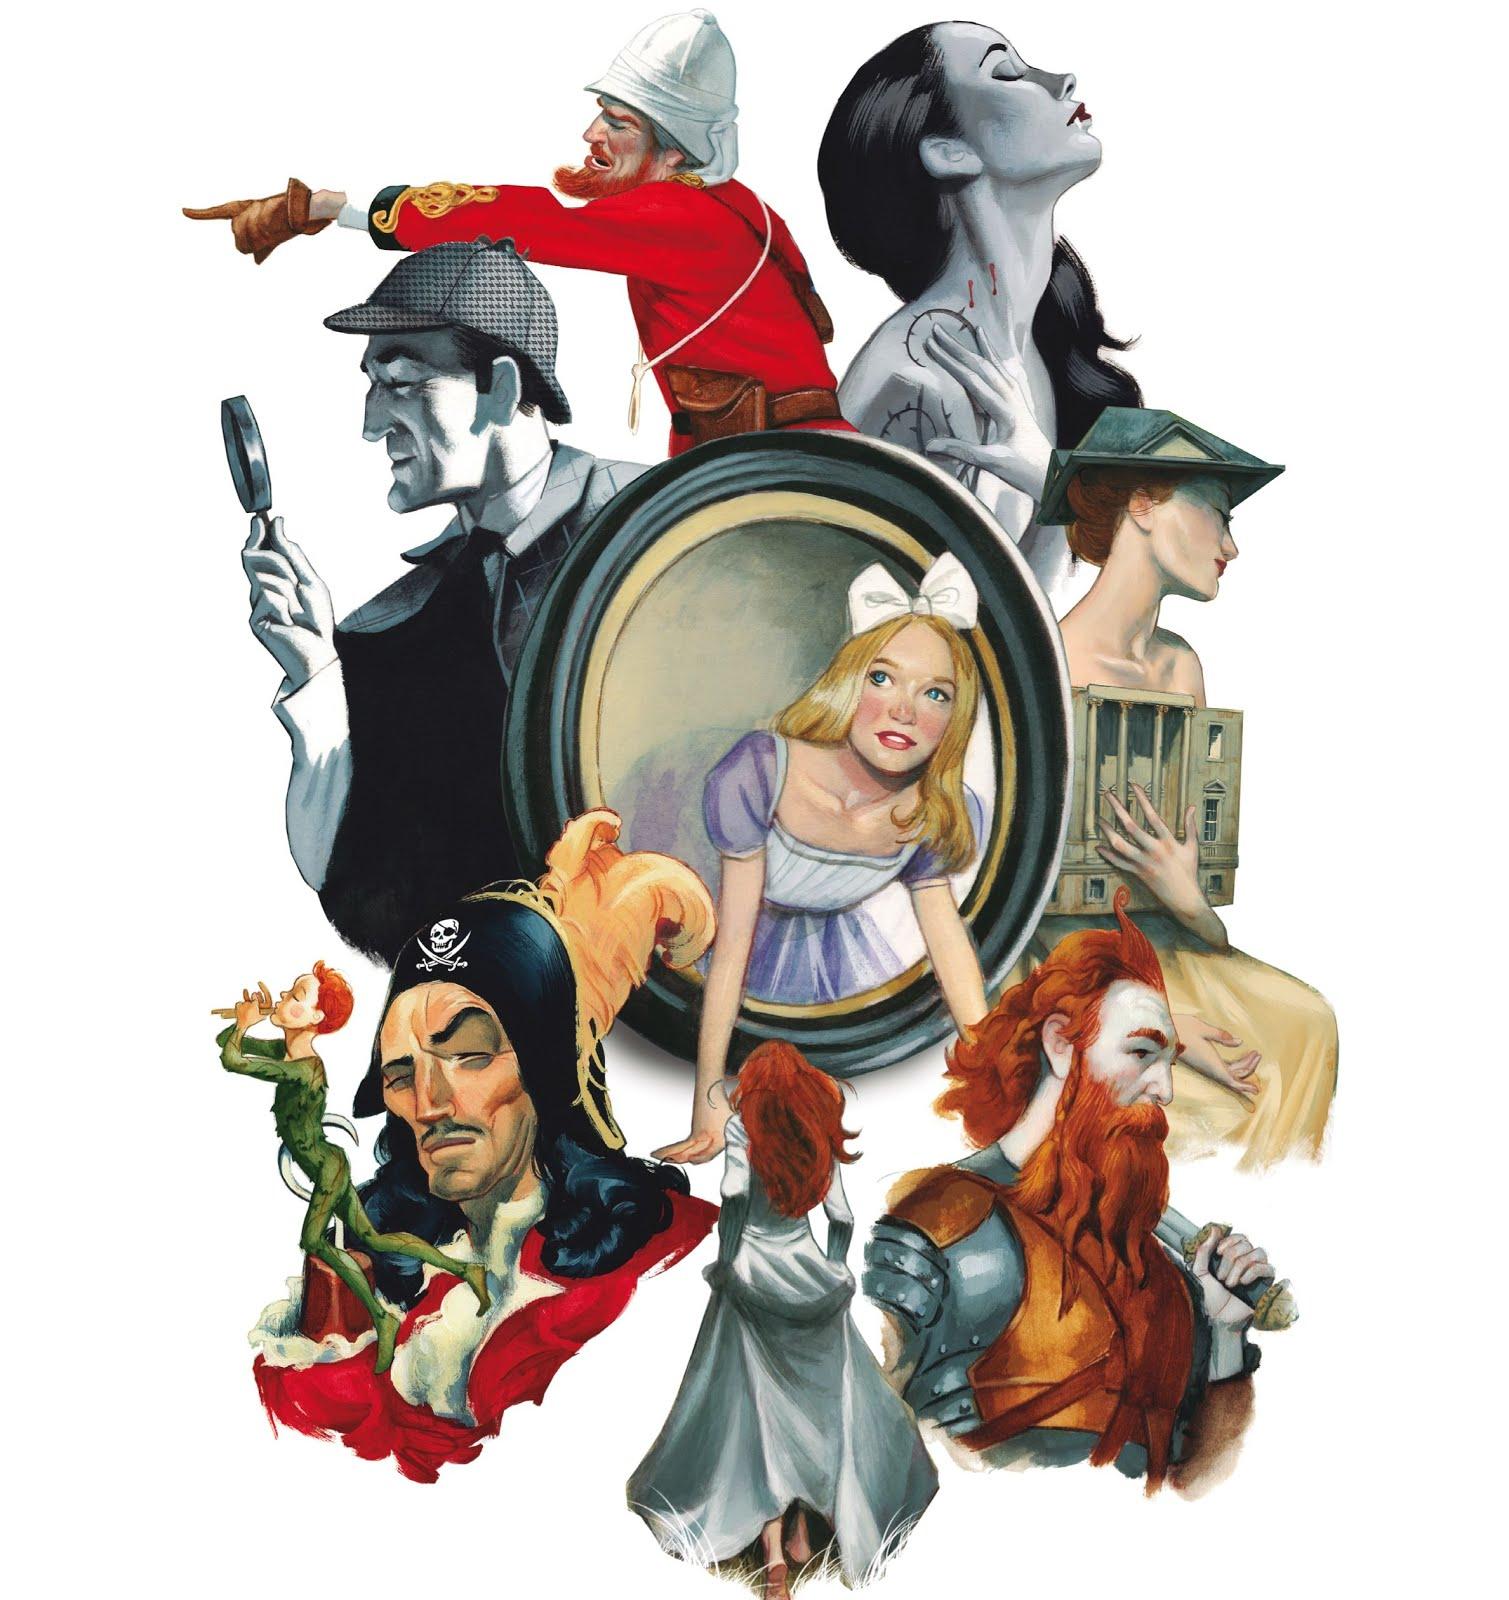 ¡¡30 fantásticos libros!! SECCIÓN DE LIBROS ILUSTRADOS. Aportes de Urijenny